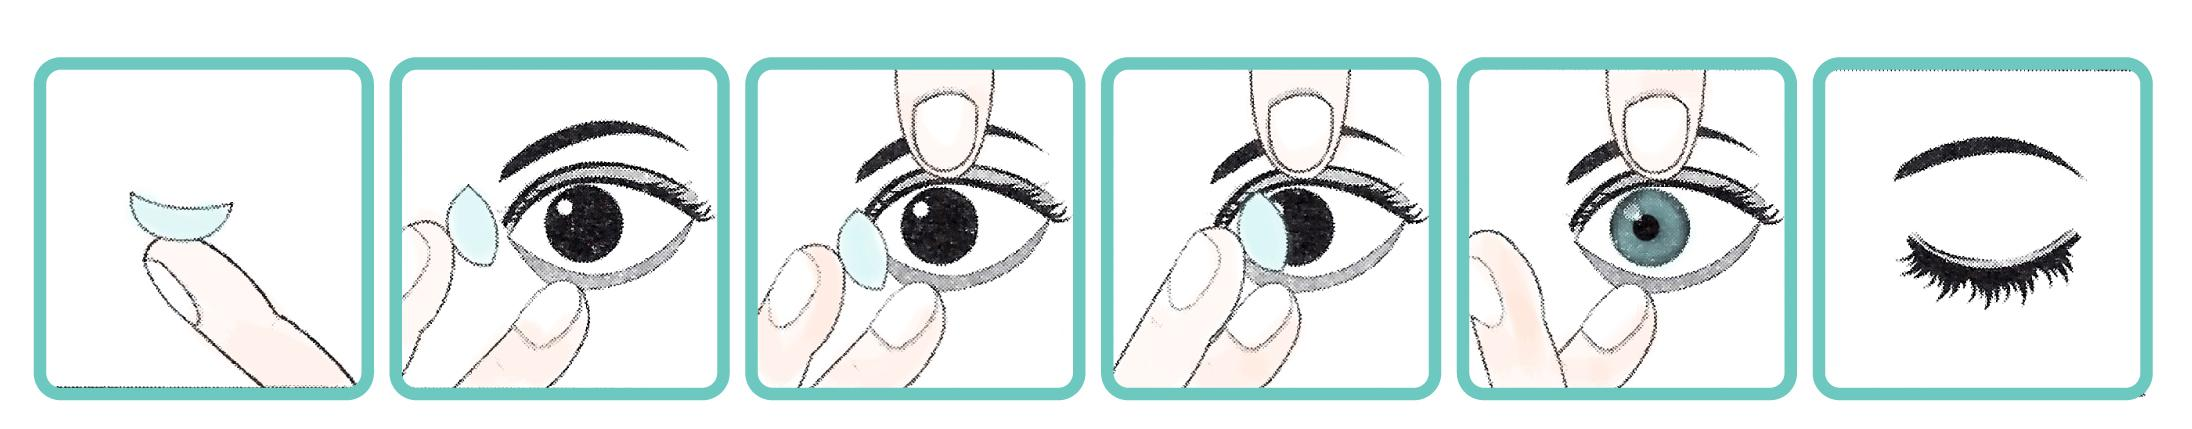 Как надевать линзы первый раз  пошаговая инструкция - читать